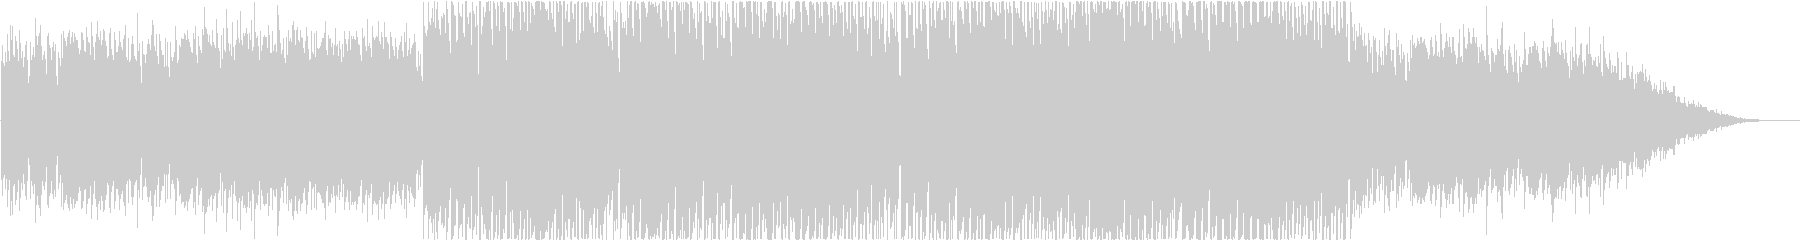 ポジティブで音響的なバックグラウンドトラの未再生の波形